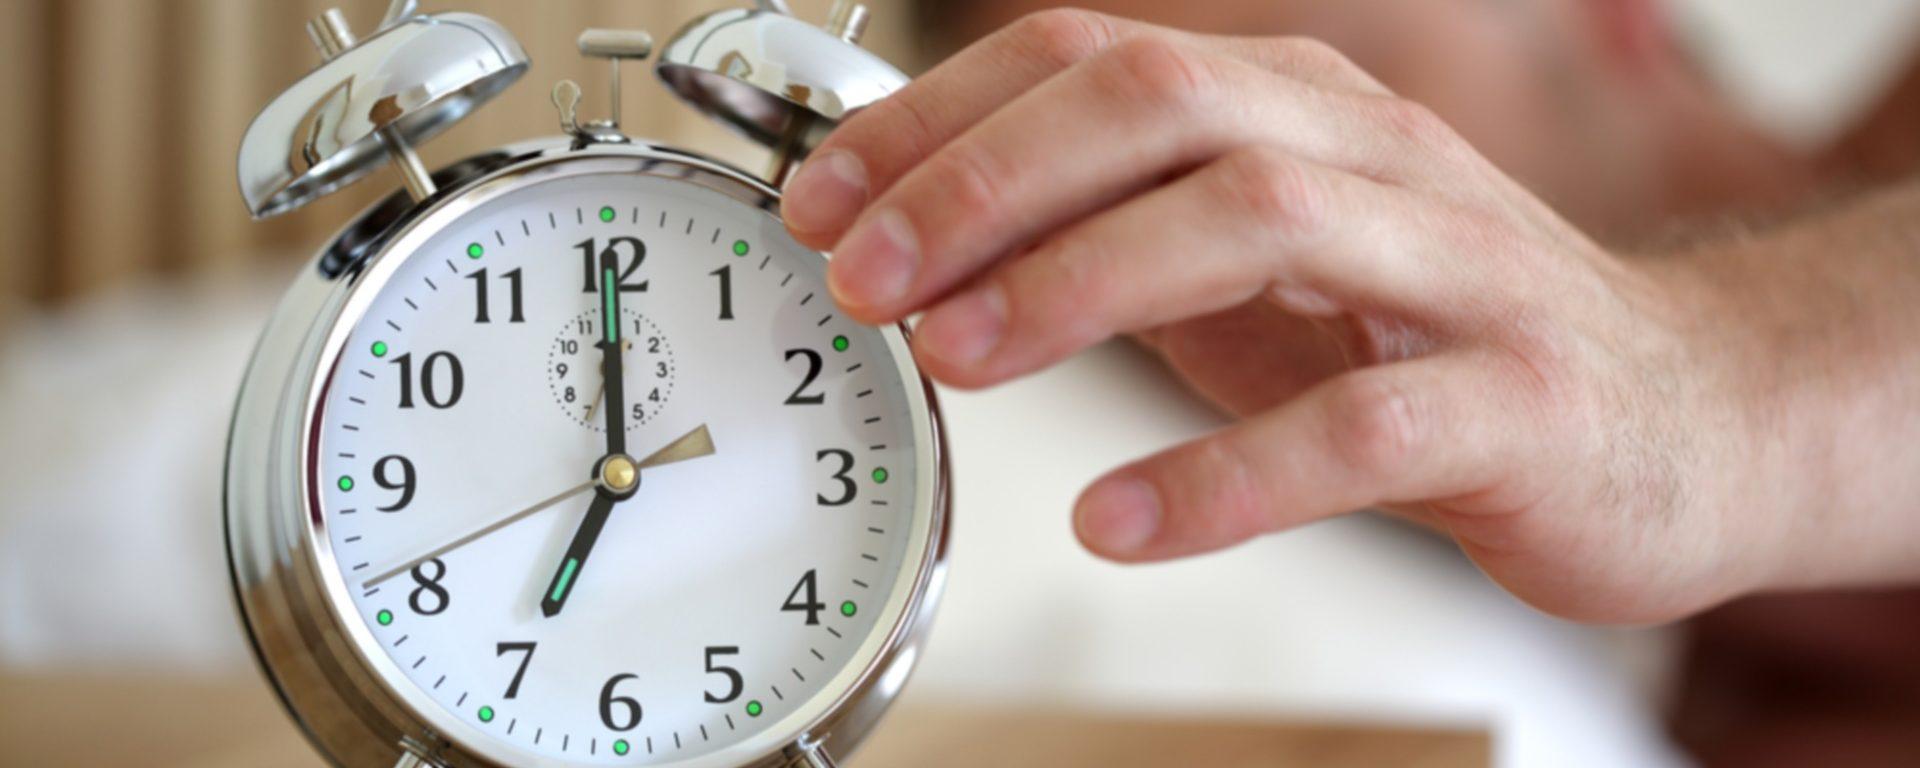 Schlafstörungen-Wecker